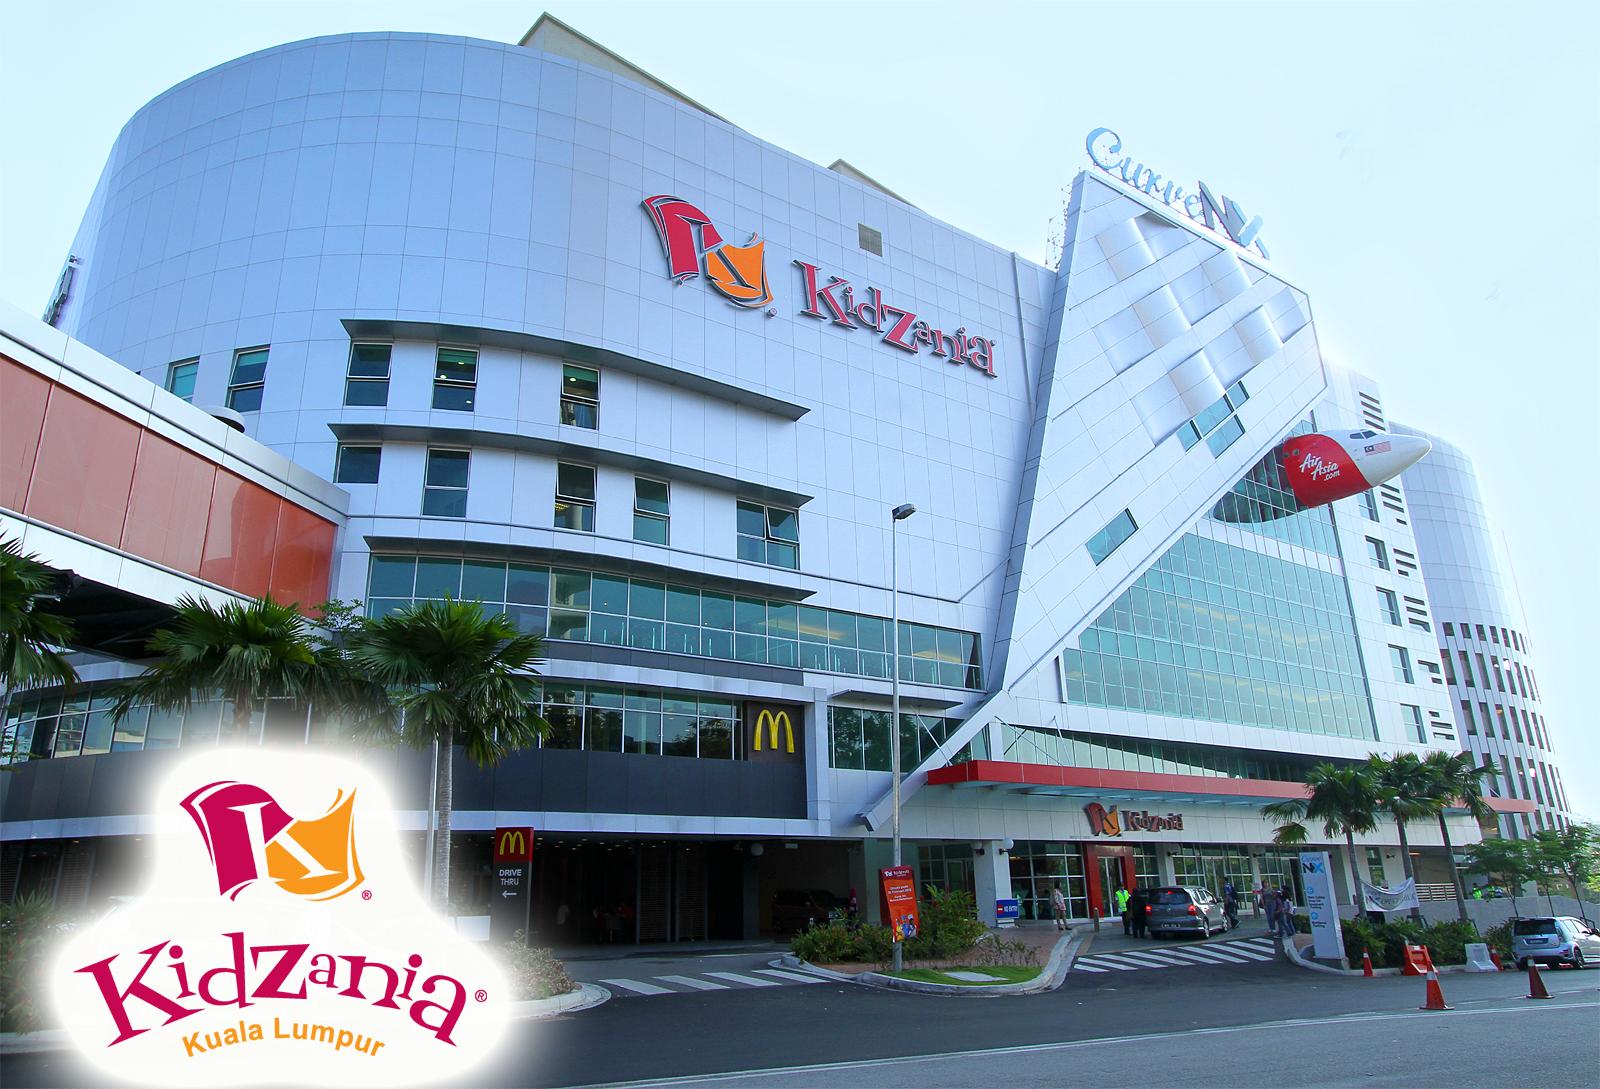 Hasil gambar untuk Kidzania Kuala Lumpur